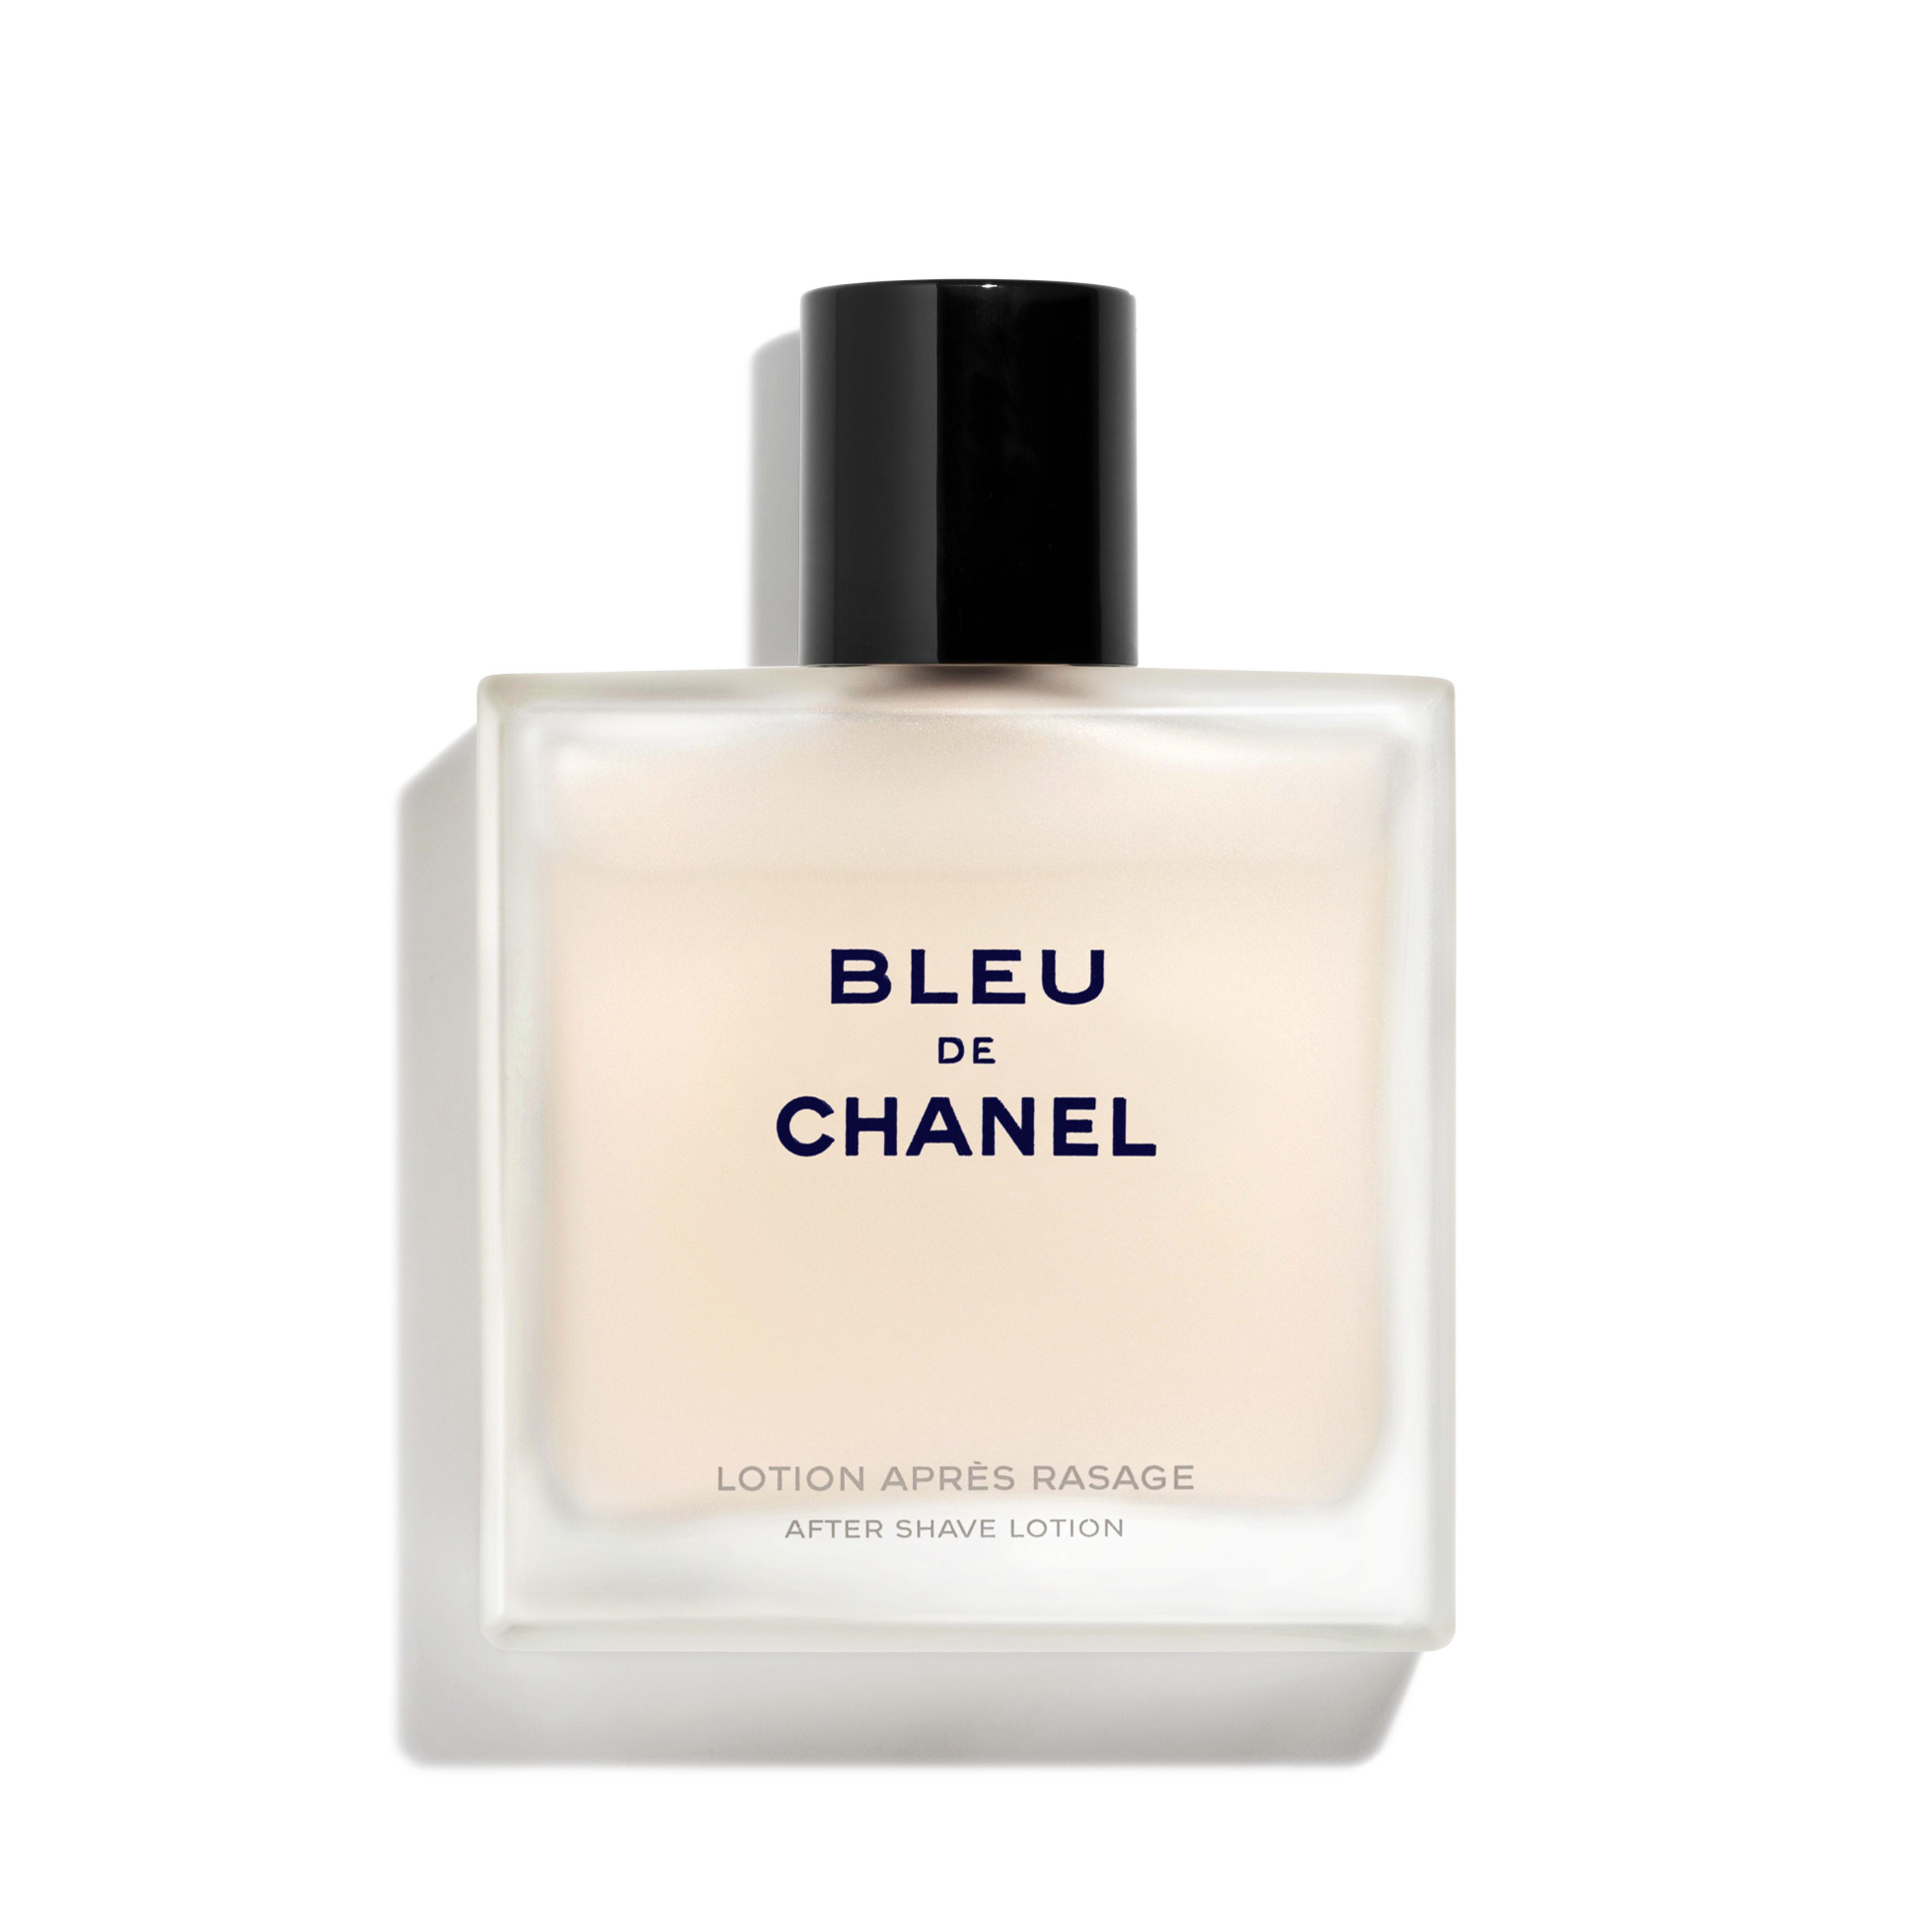 chanel bleu lotion